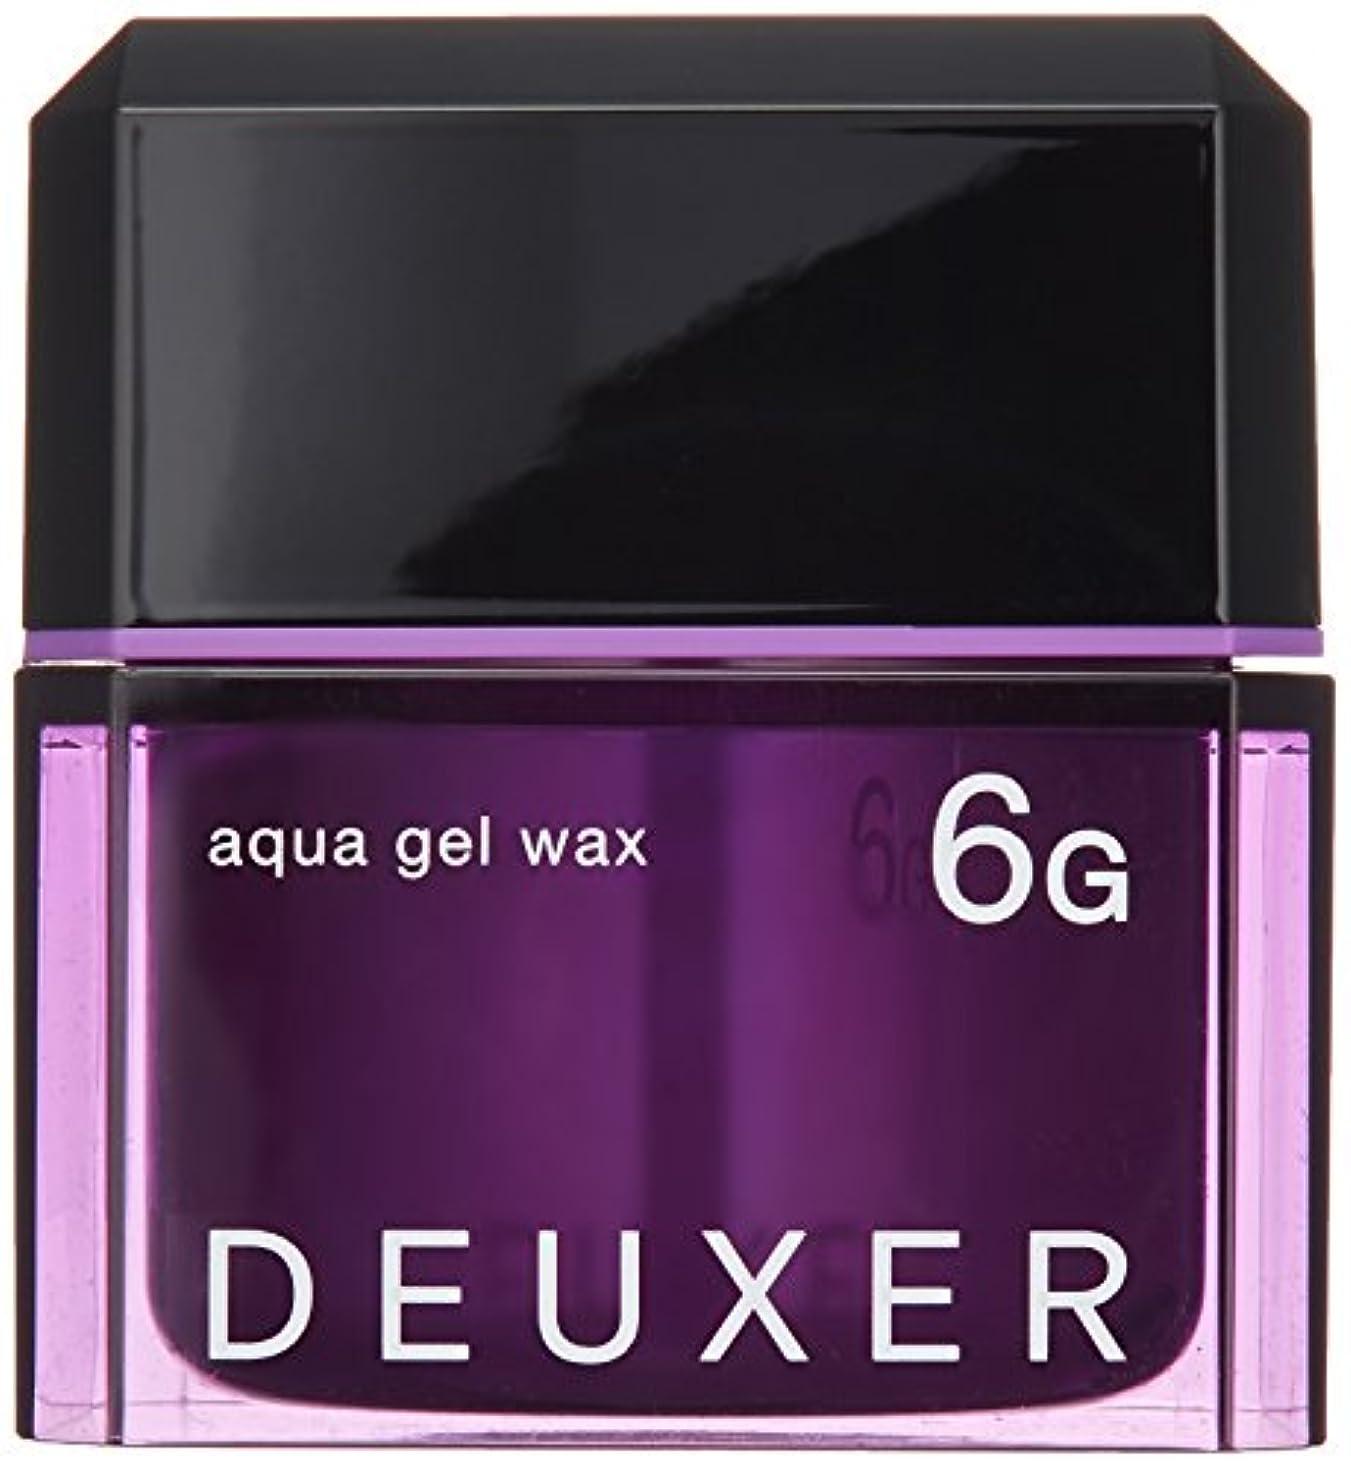 含めるごめんなさい潜在的なナンバースリー DEUXER(デューサー) アクアジェルワックス 6G 80g